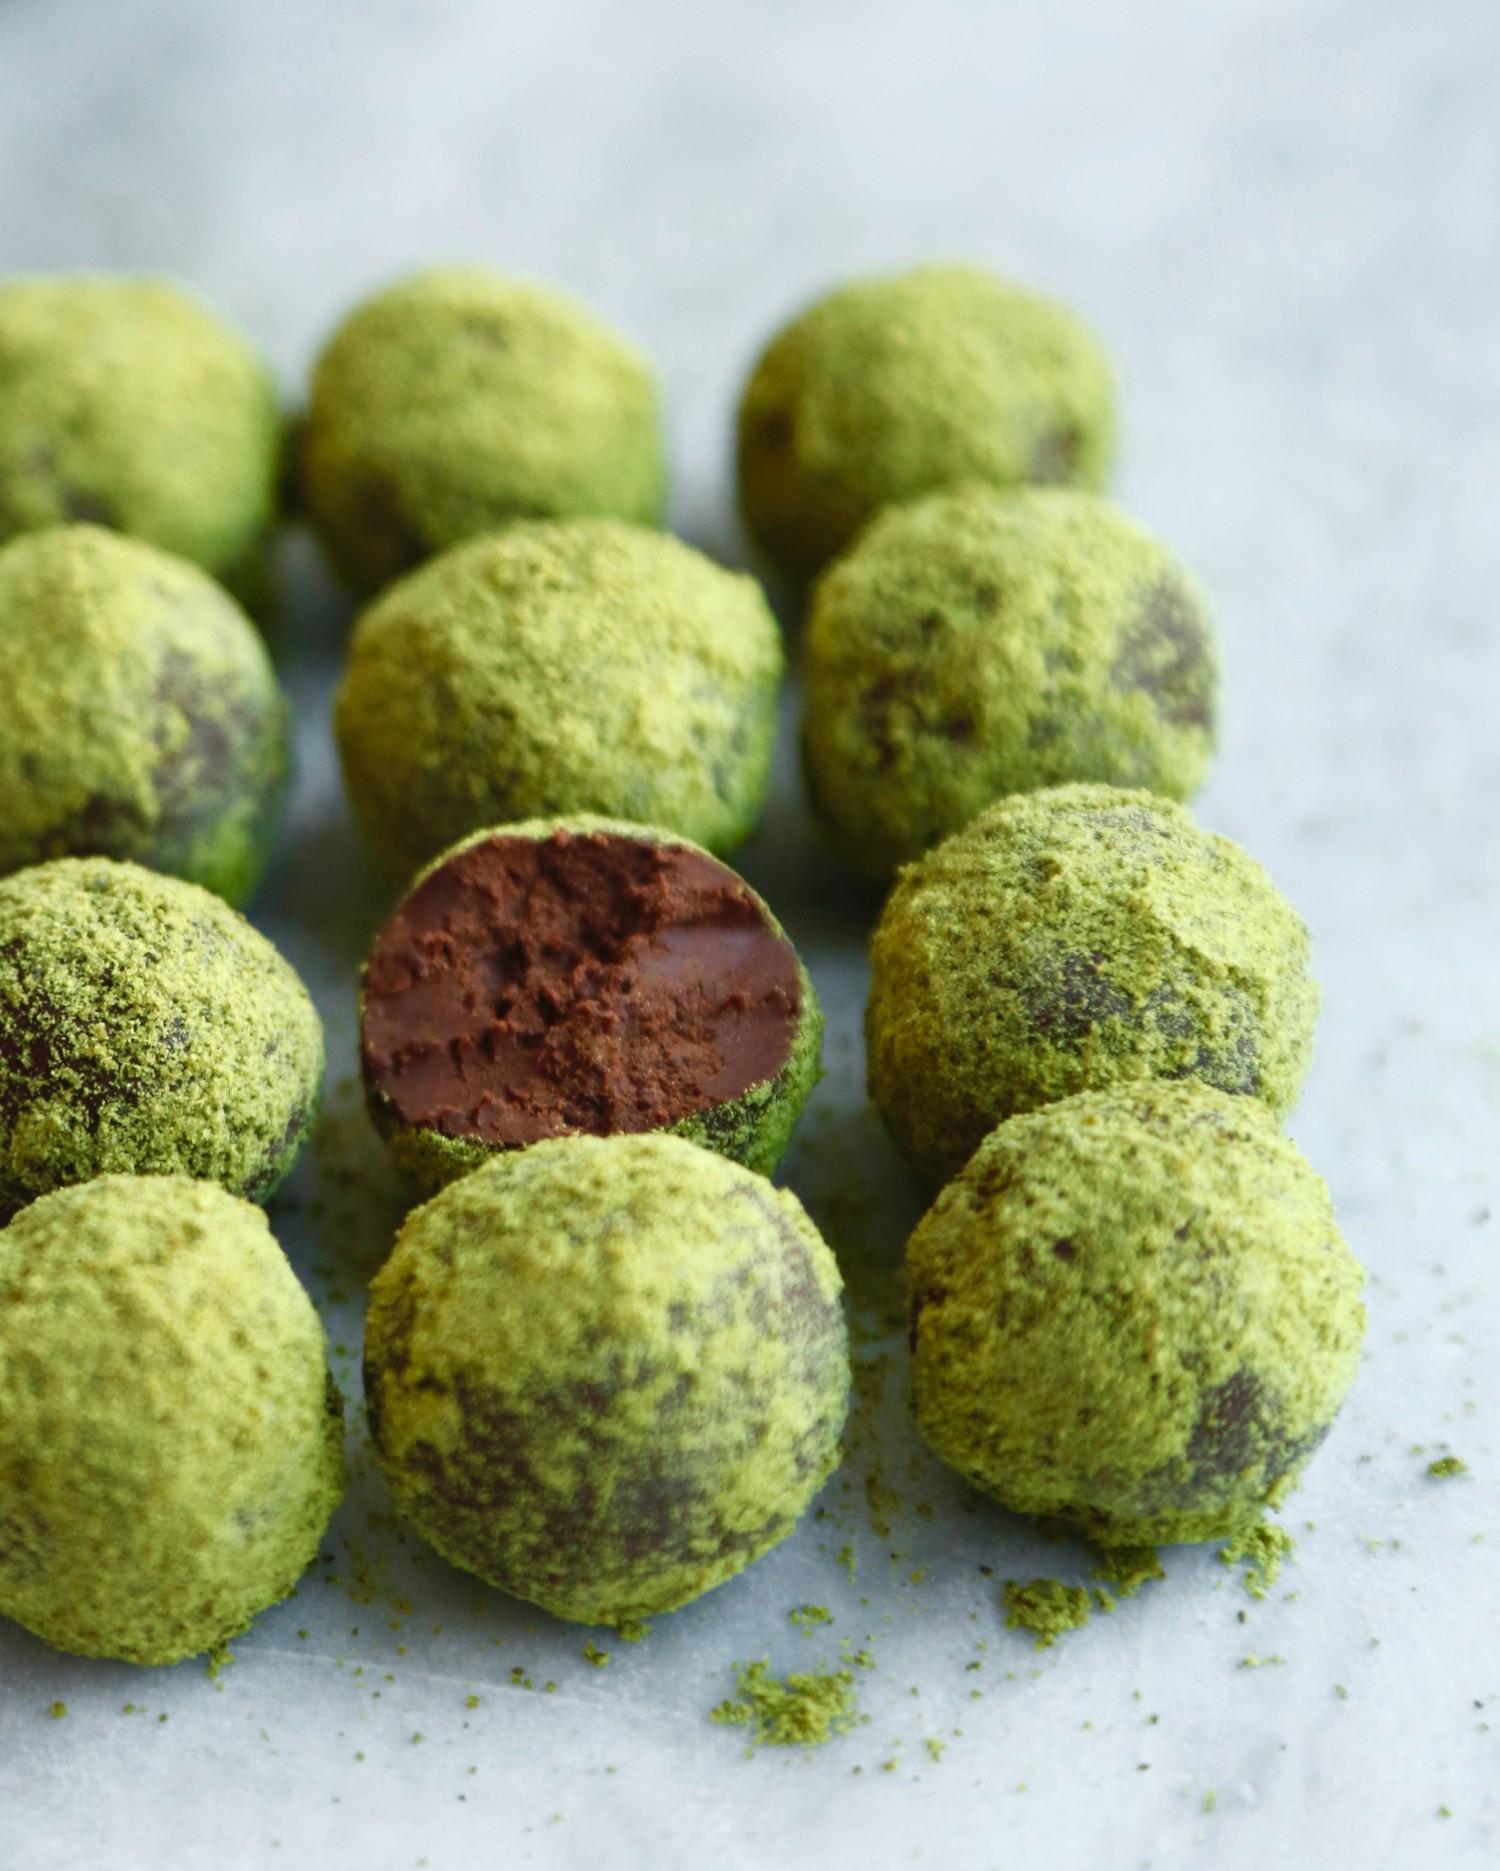 konfektkugler-med-graeskarsmoer-og-chokolade-vegansk-og-glutenfri-2